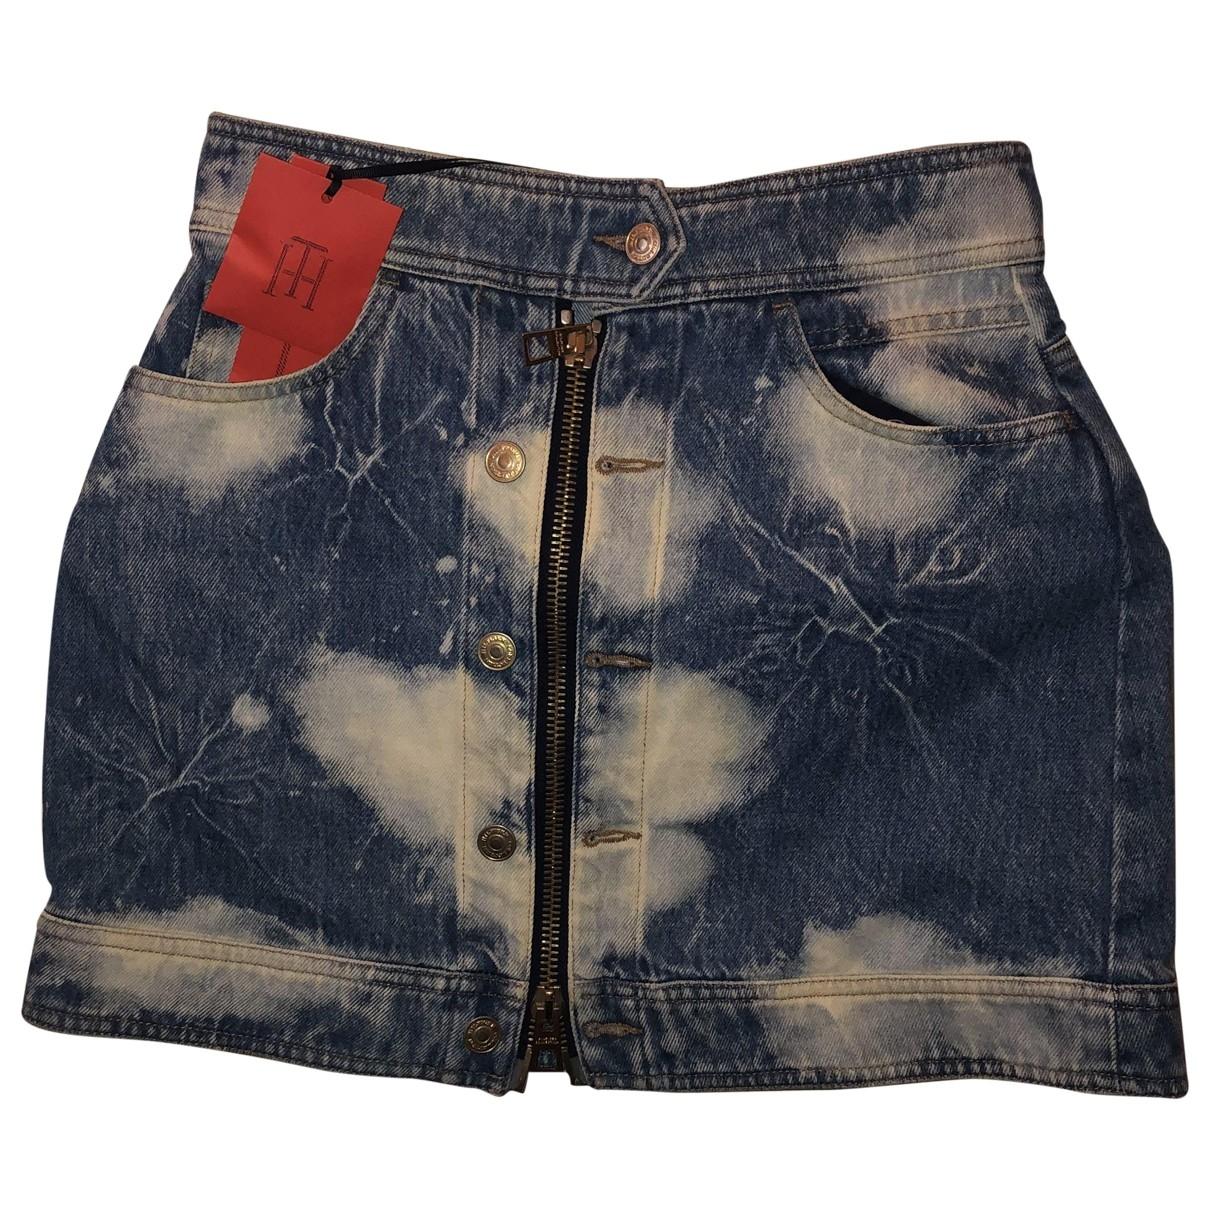 Hilfiger Collection \N Denim - Jeans skirt for Women 38 FR